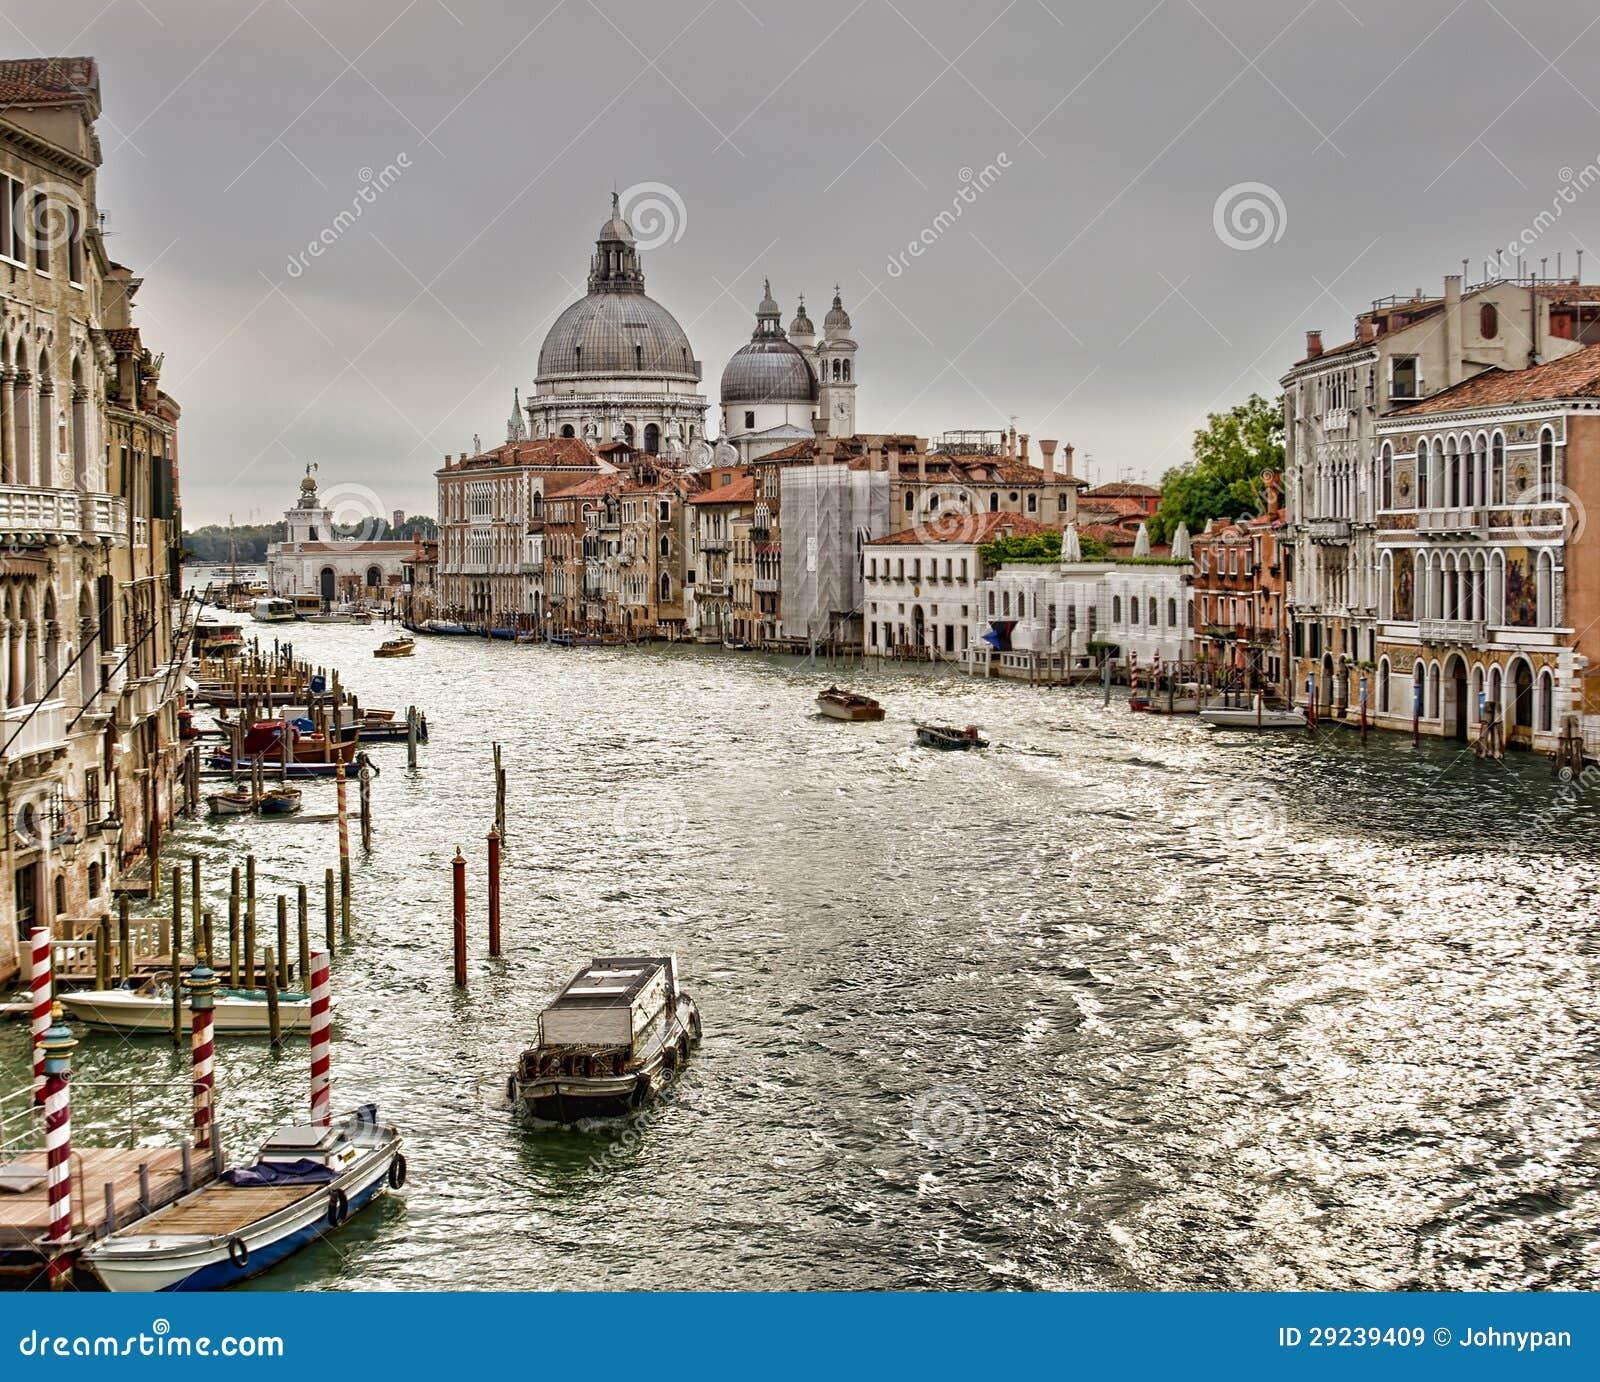 Download Veneza, Italia imagem de stock. Imagem de europeu, histórico - 29239409